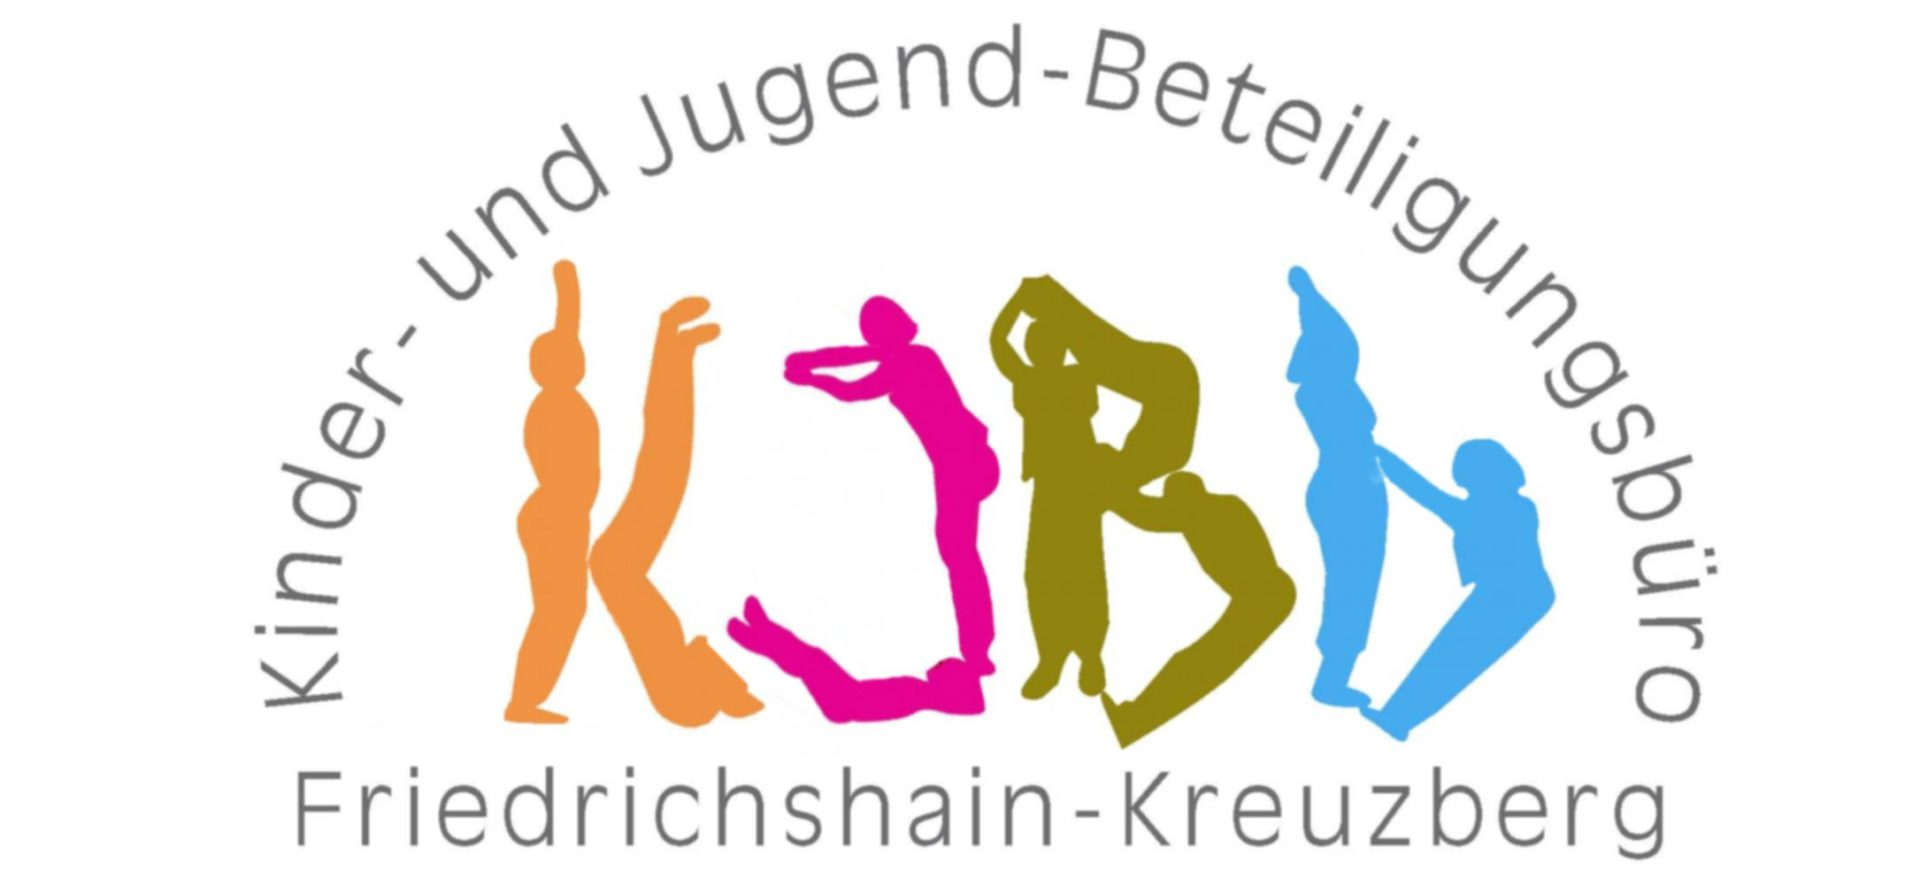 Bezirksschülerausschuss Friedrichshain-Kreuzberg, Gesellschaft für Sport und Jugendsozialarbeit gGmbH, Kinder- und Jugend-Beteiligungsbüro Friedrichshain-Kreuzberg (2012-2013)